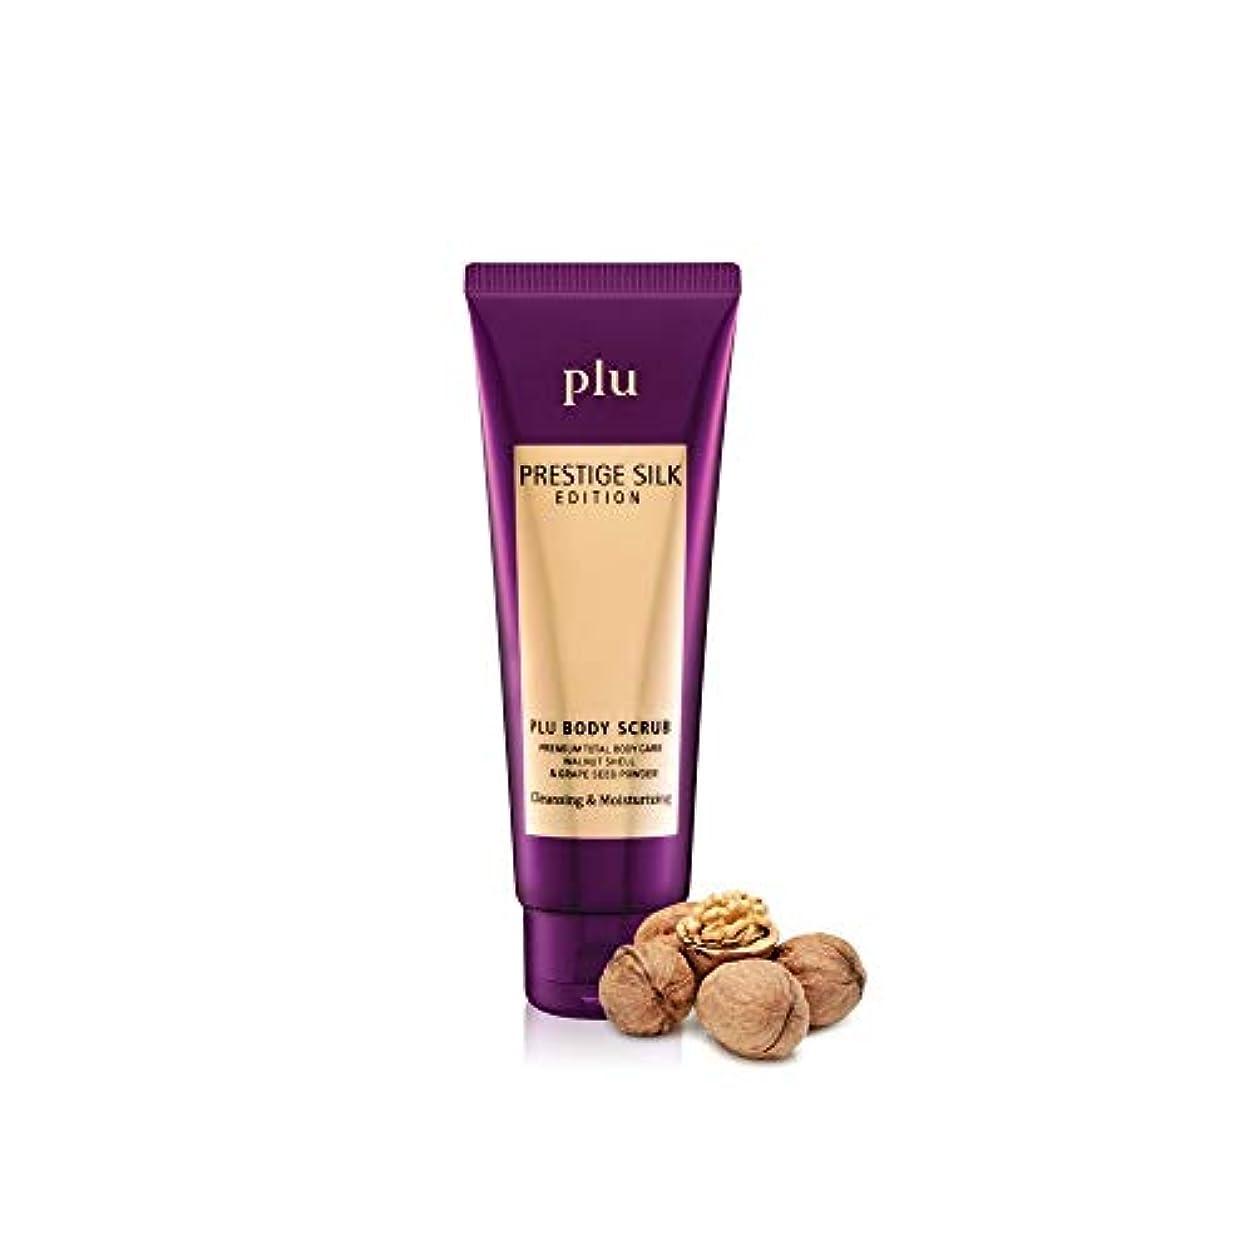 強い苦しみ質素な[ギフト付き] Plu プル プレステージ セラピー エディション ボディスクラブ 50g/180g / Plu Prestige Therapy Edition Body Scrub 50g /180 (180g)